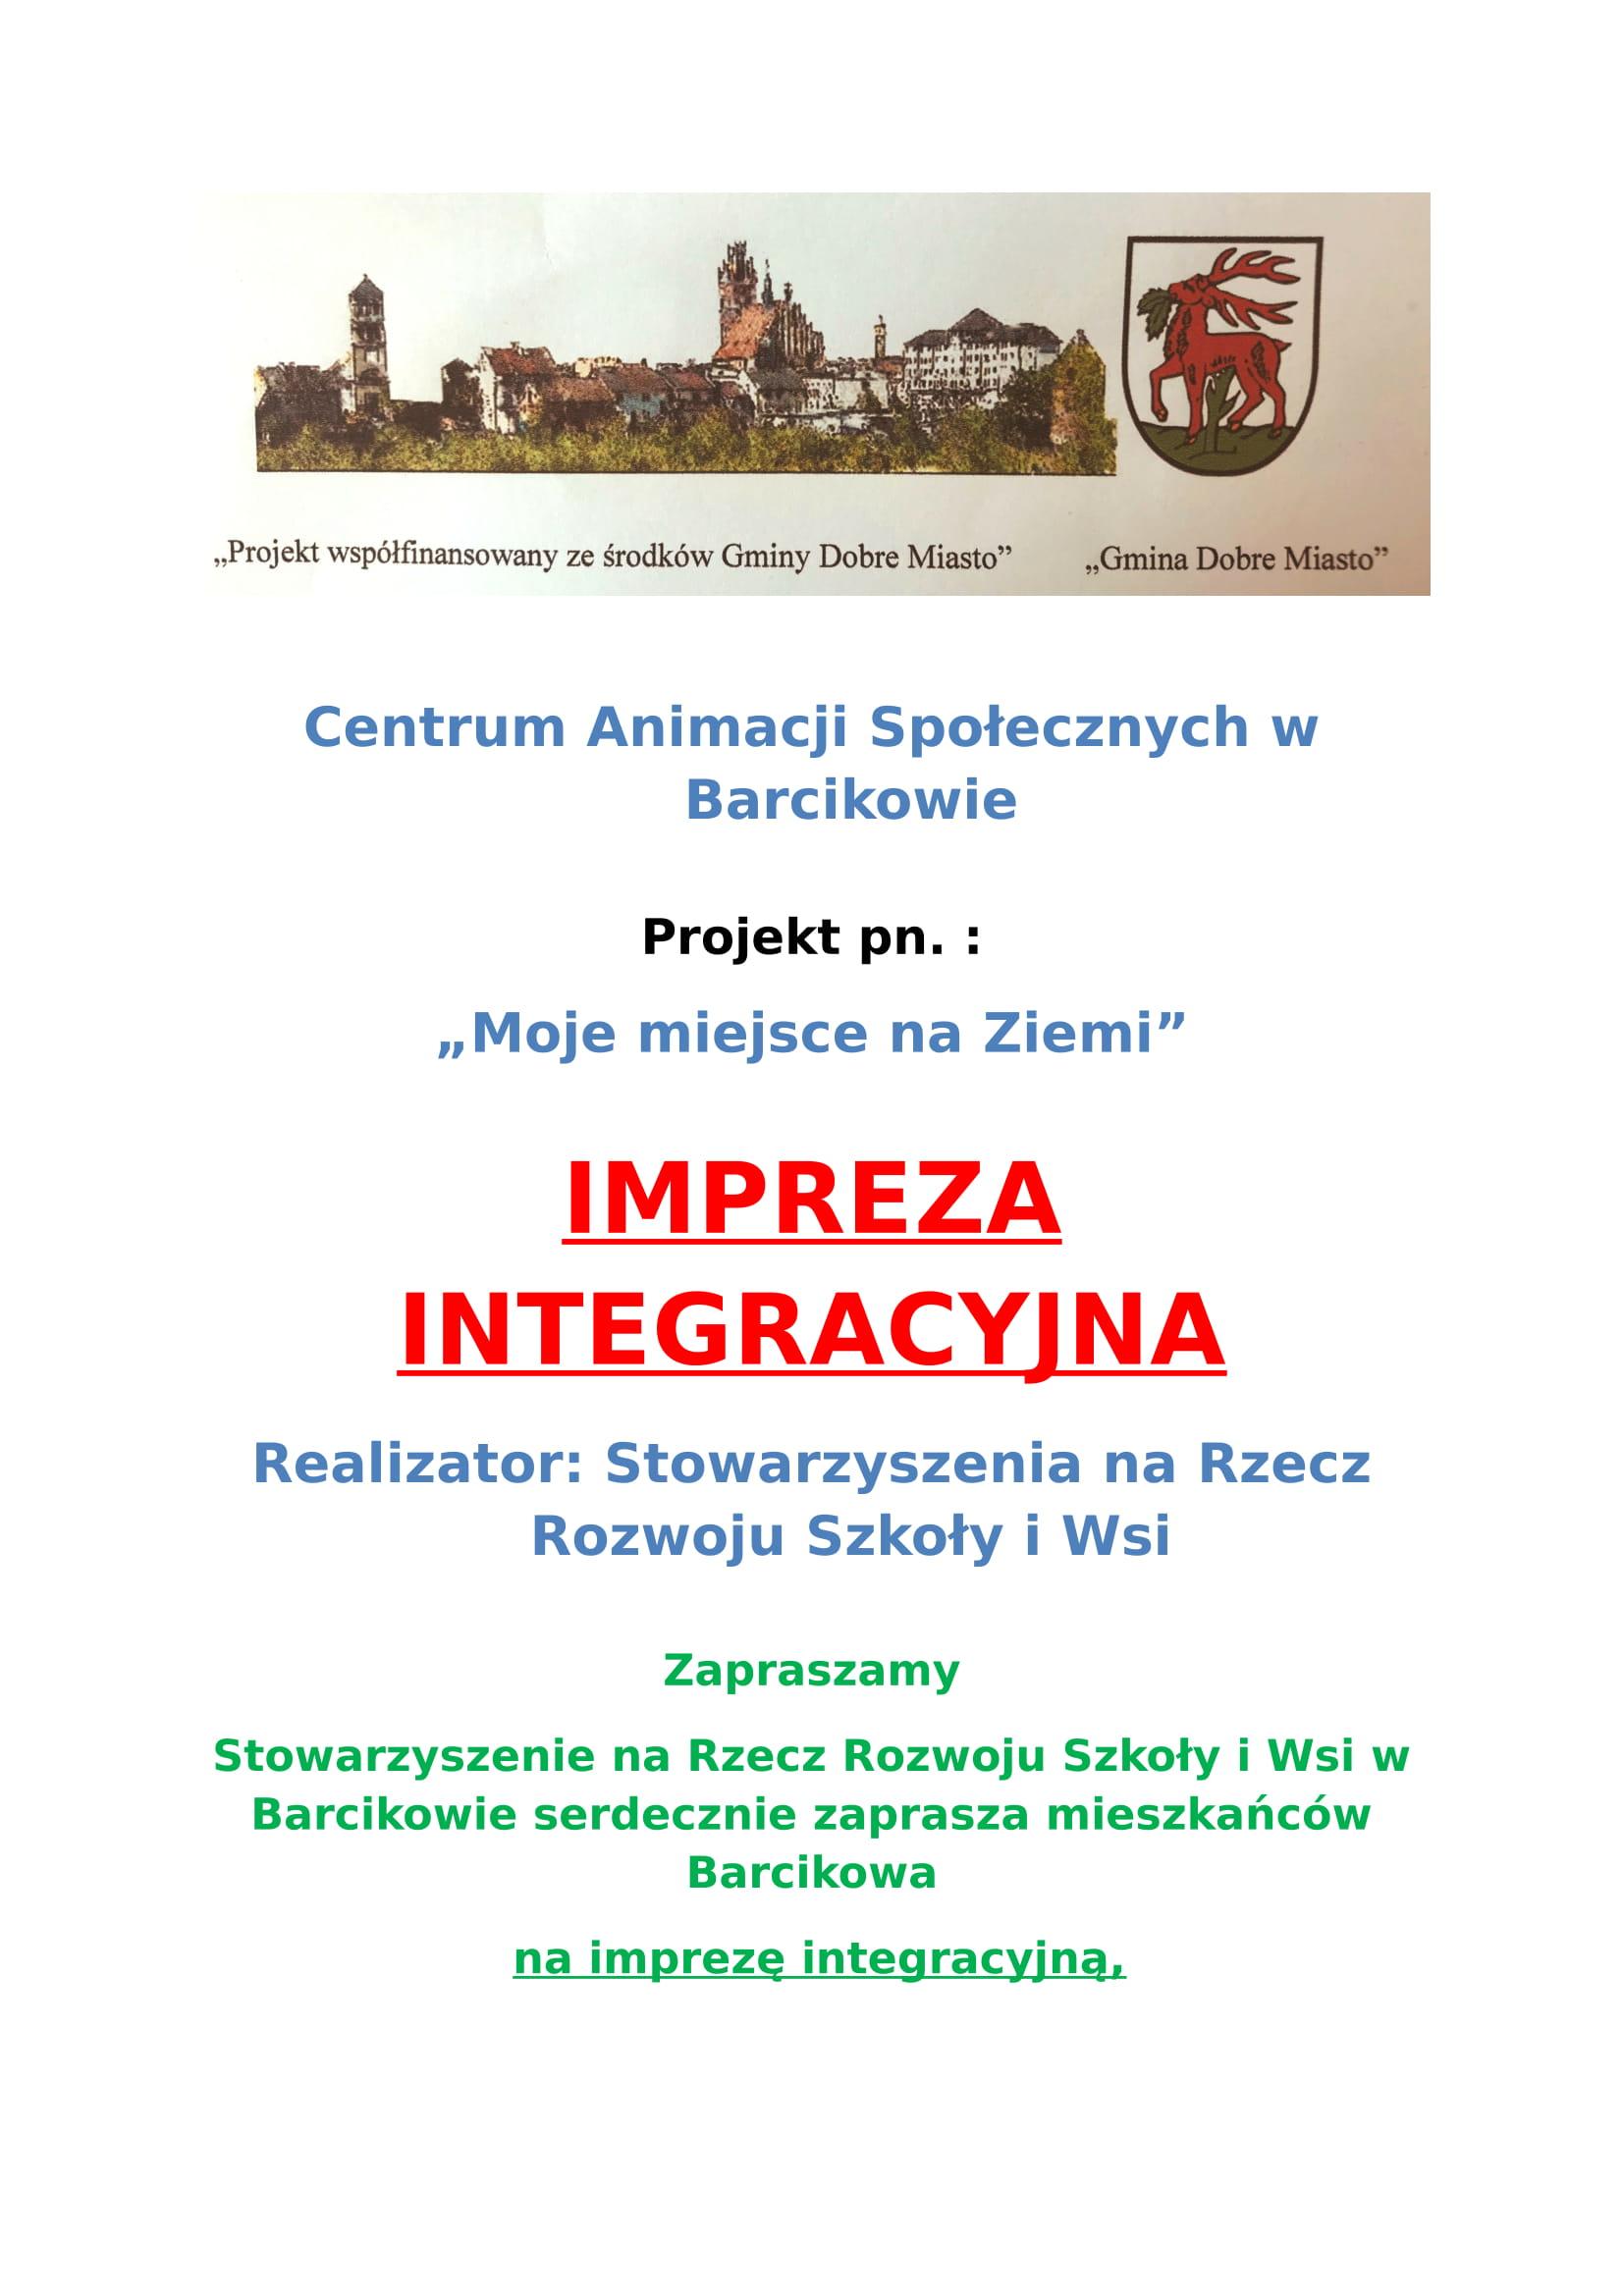 Olsztyn - Sport 2007-2008 - Tom 1 - Strona 98 - Wynik z Google Books